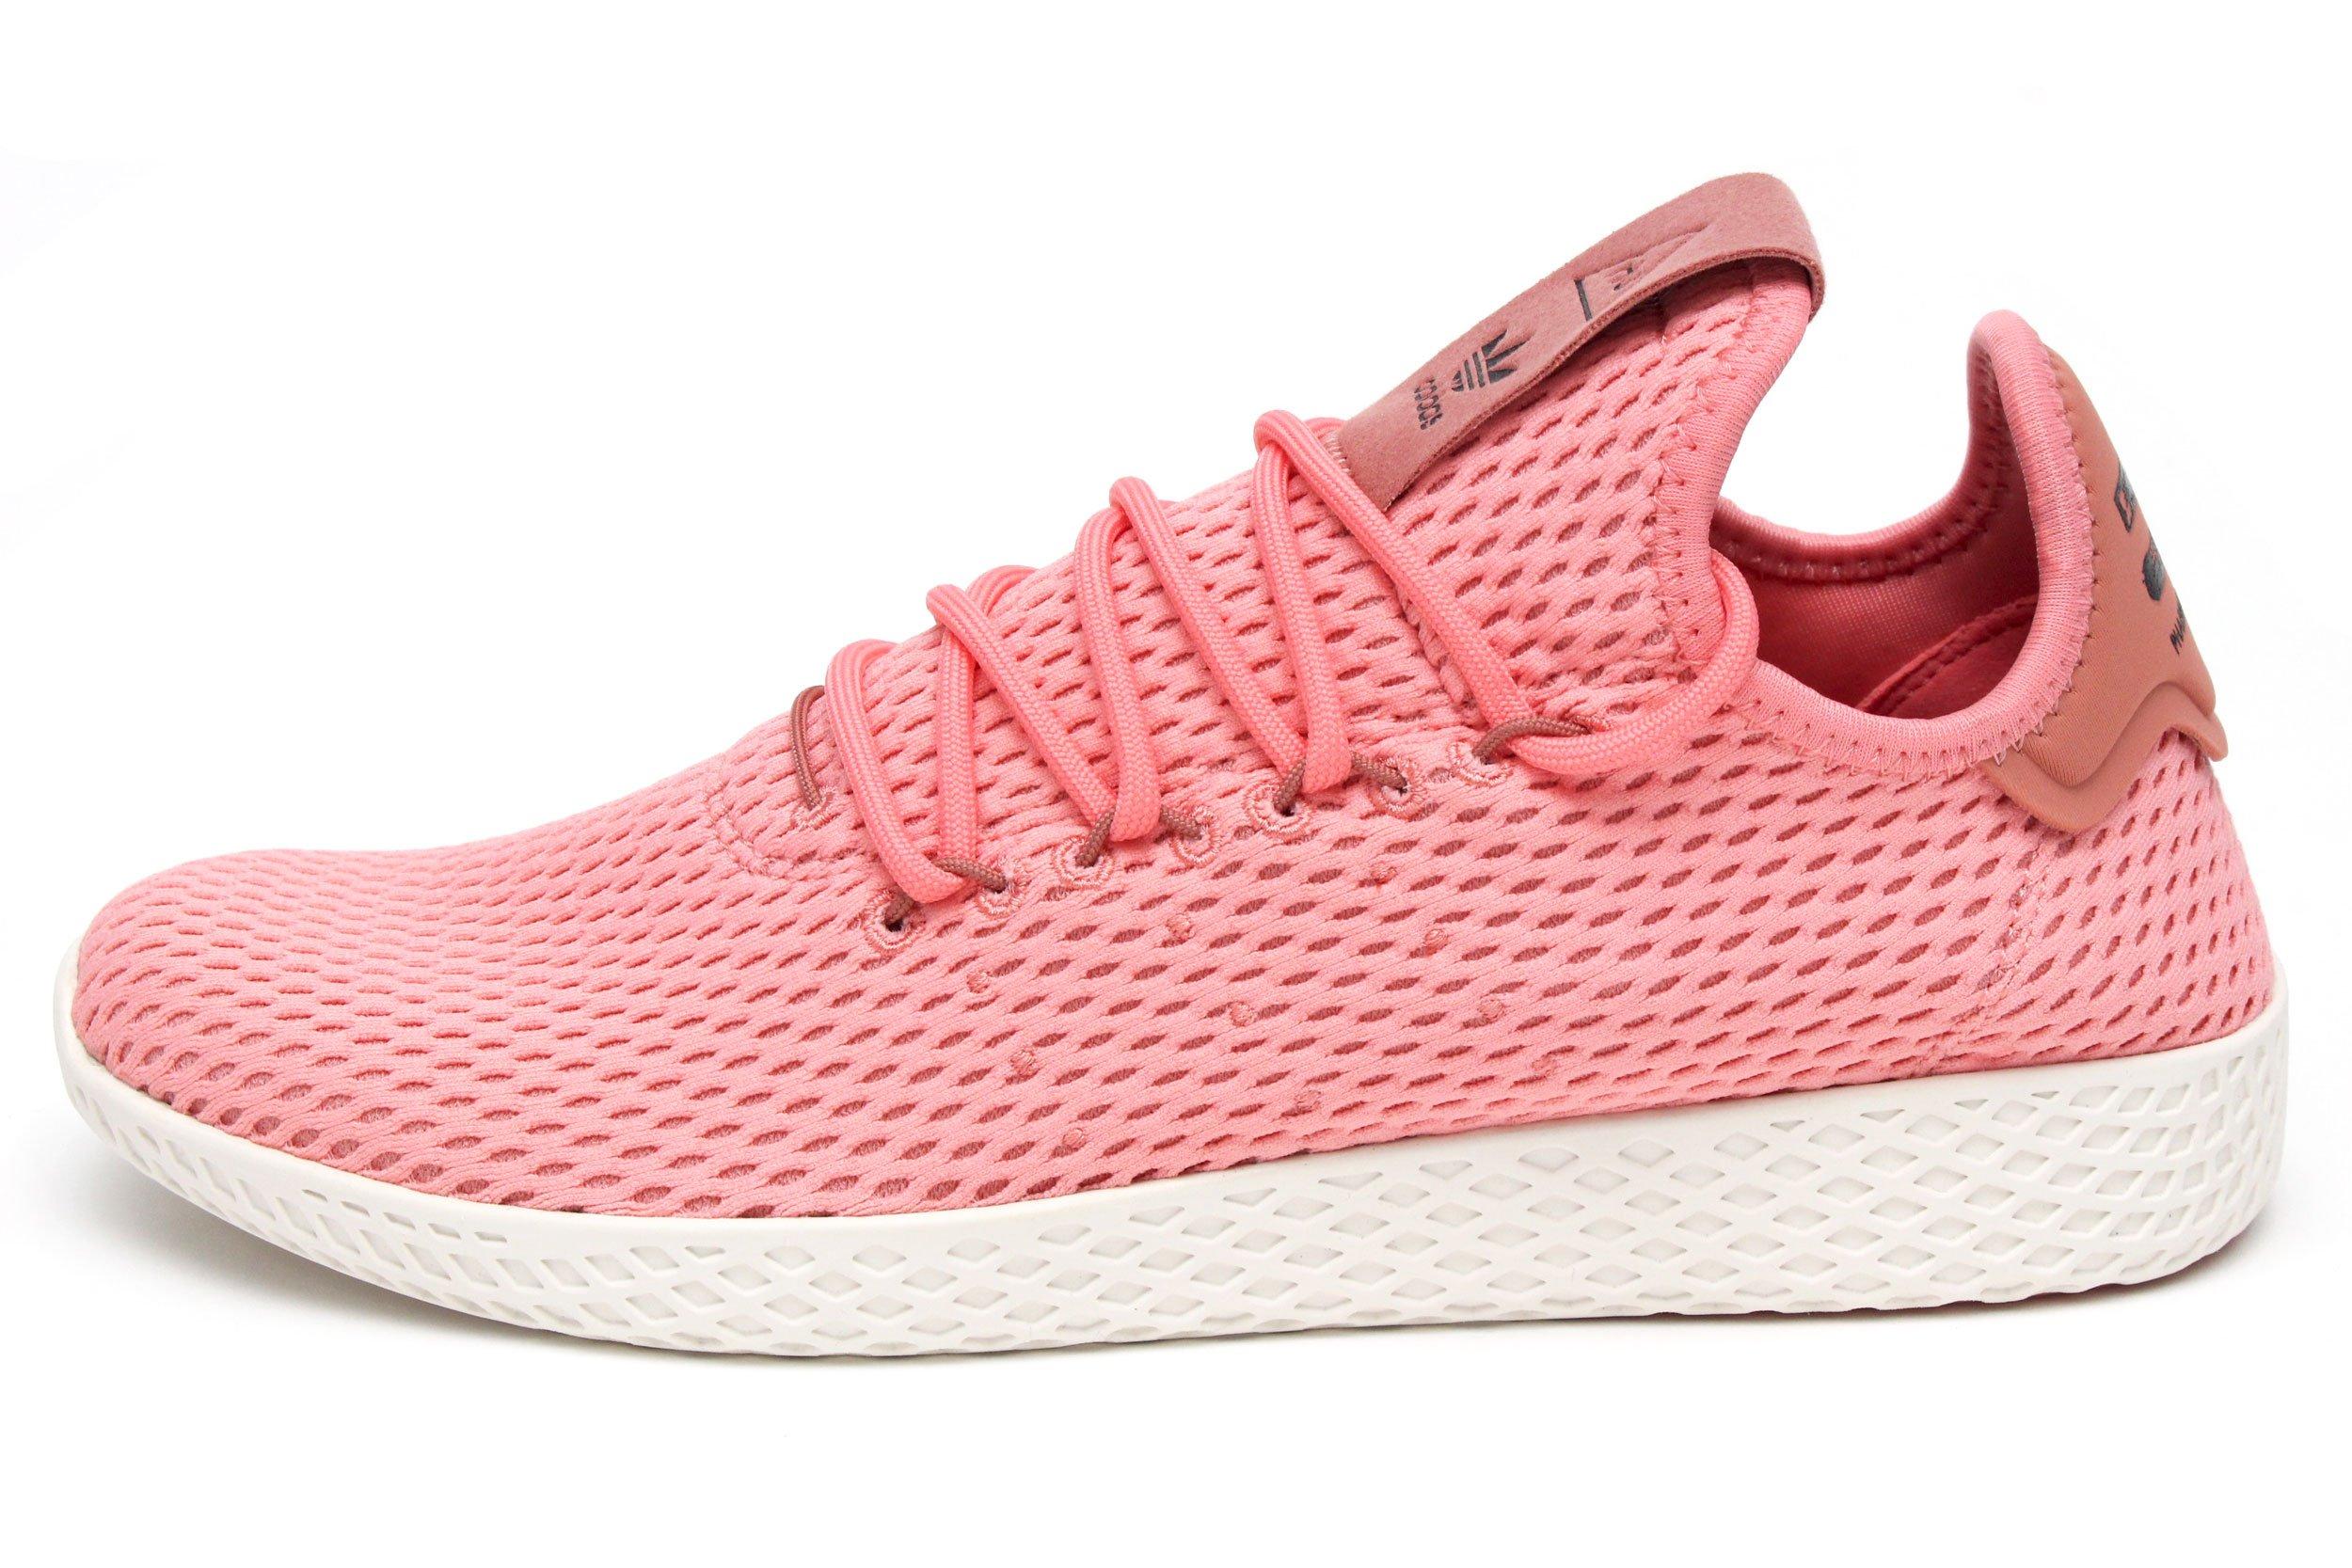 adidas PW Tennis Hu in Tactile Rose/Raw Pink, 4